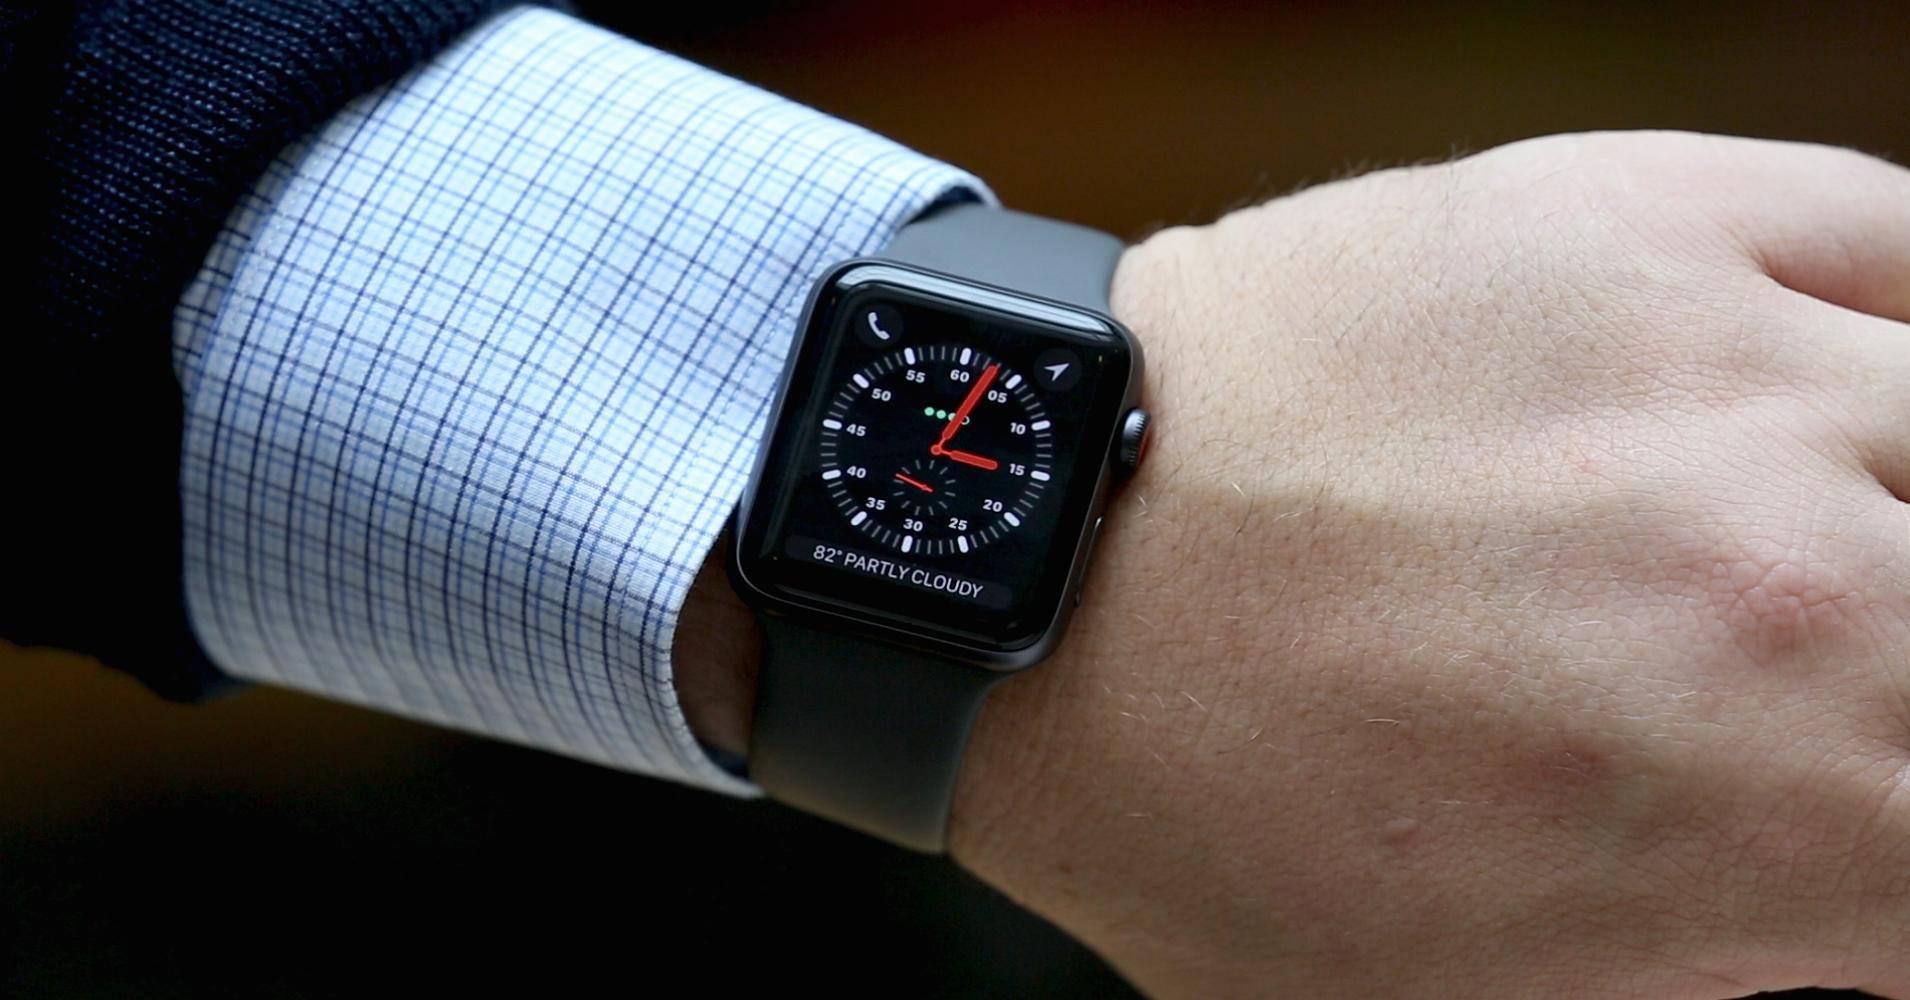 Apple Watch已成第一大可穿戴设备